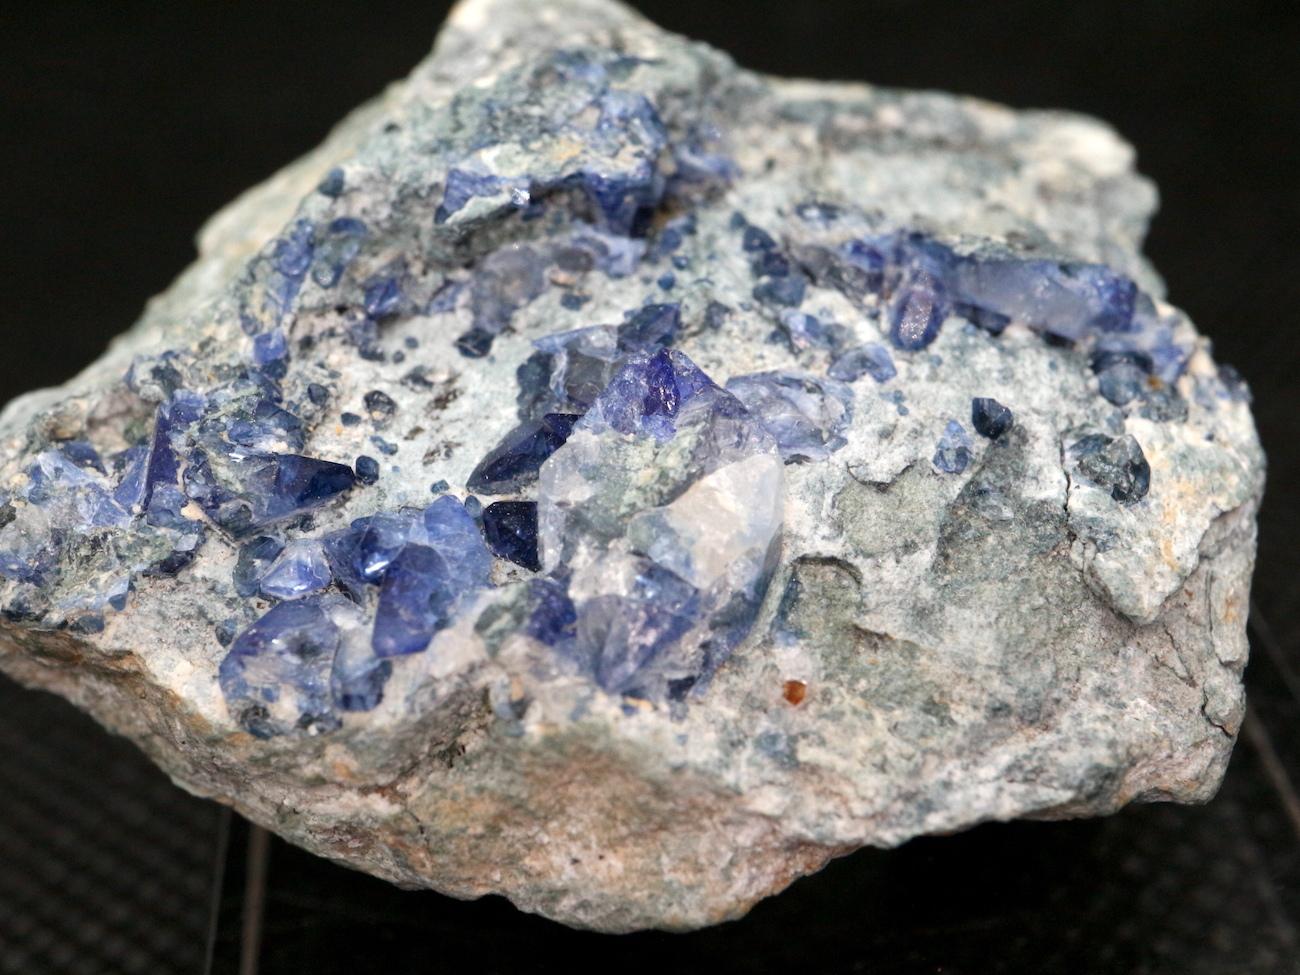 ベニトアイト ベニト石  カリフォルニア産  31,2g BN042 鉱物 天然石 パワーストーン